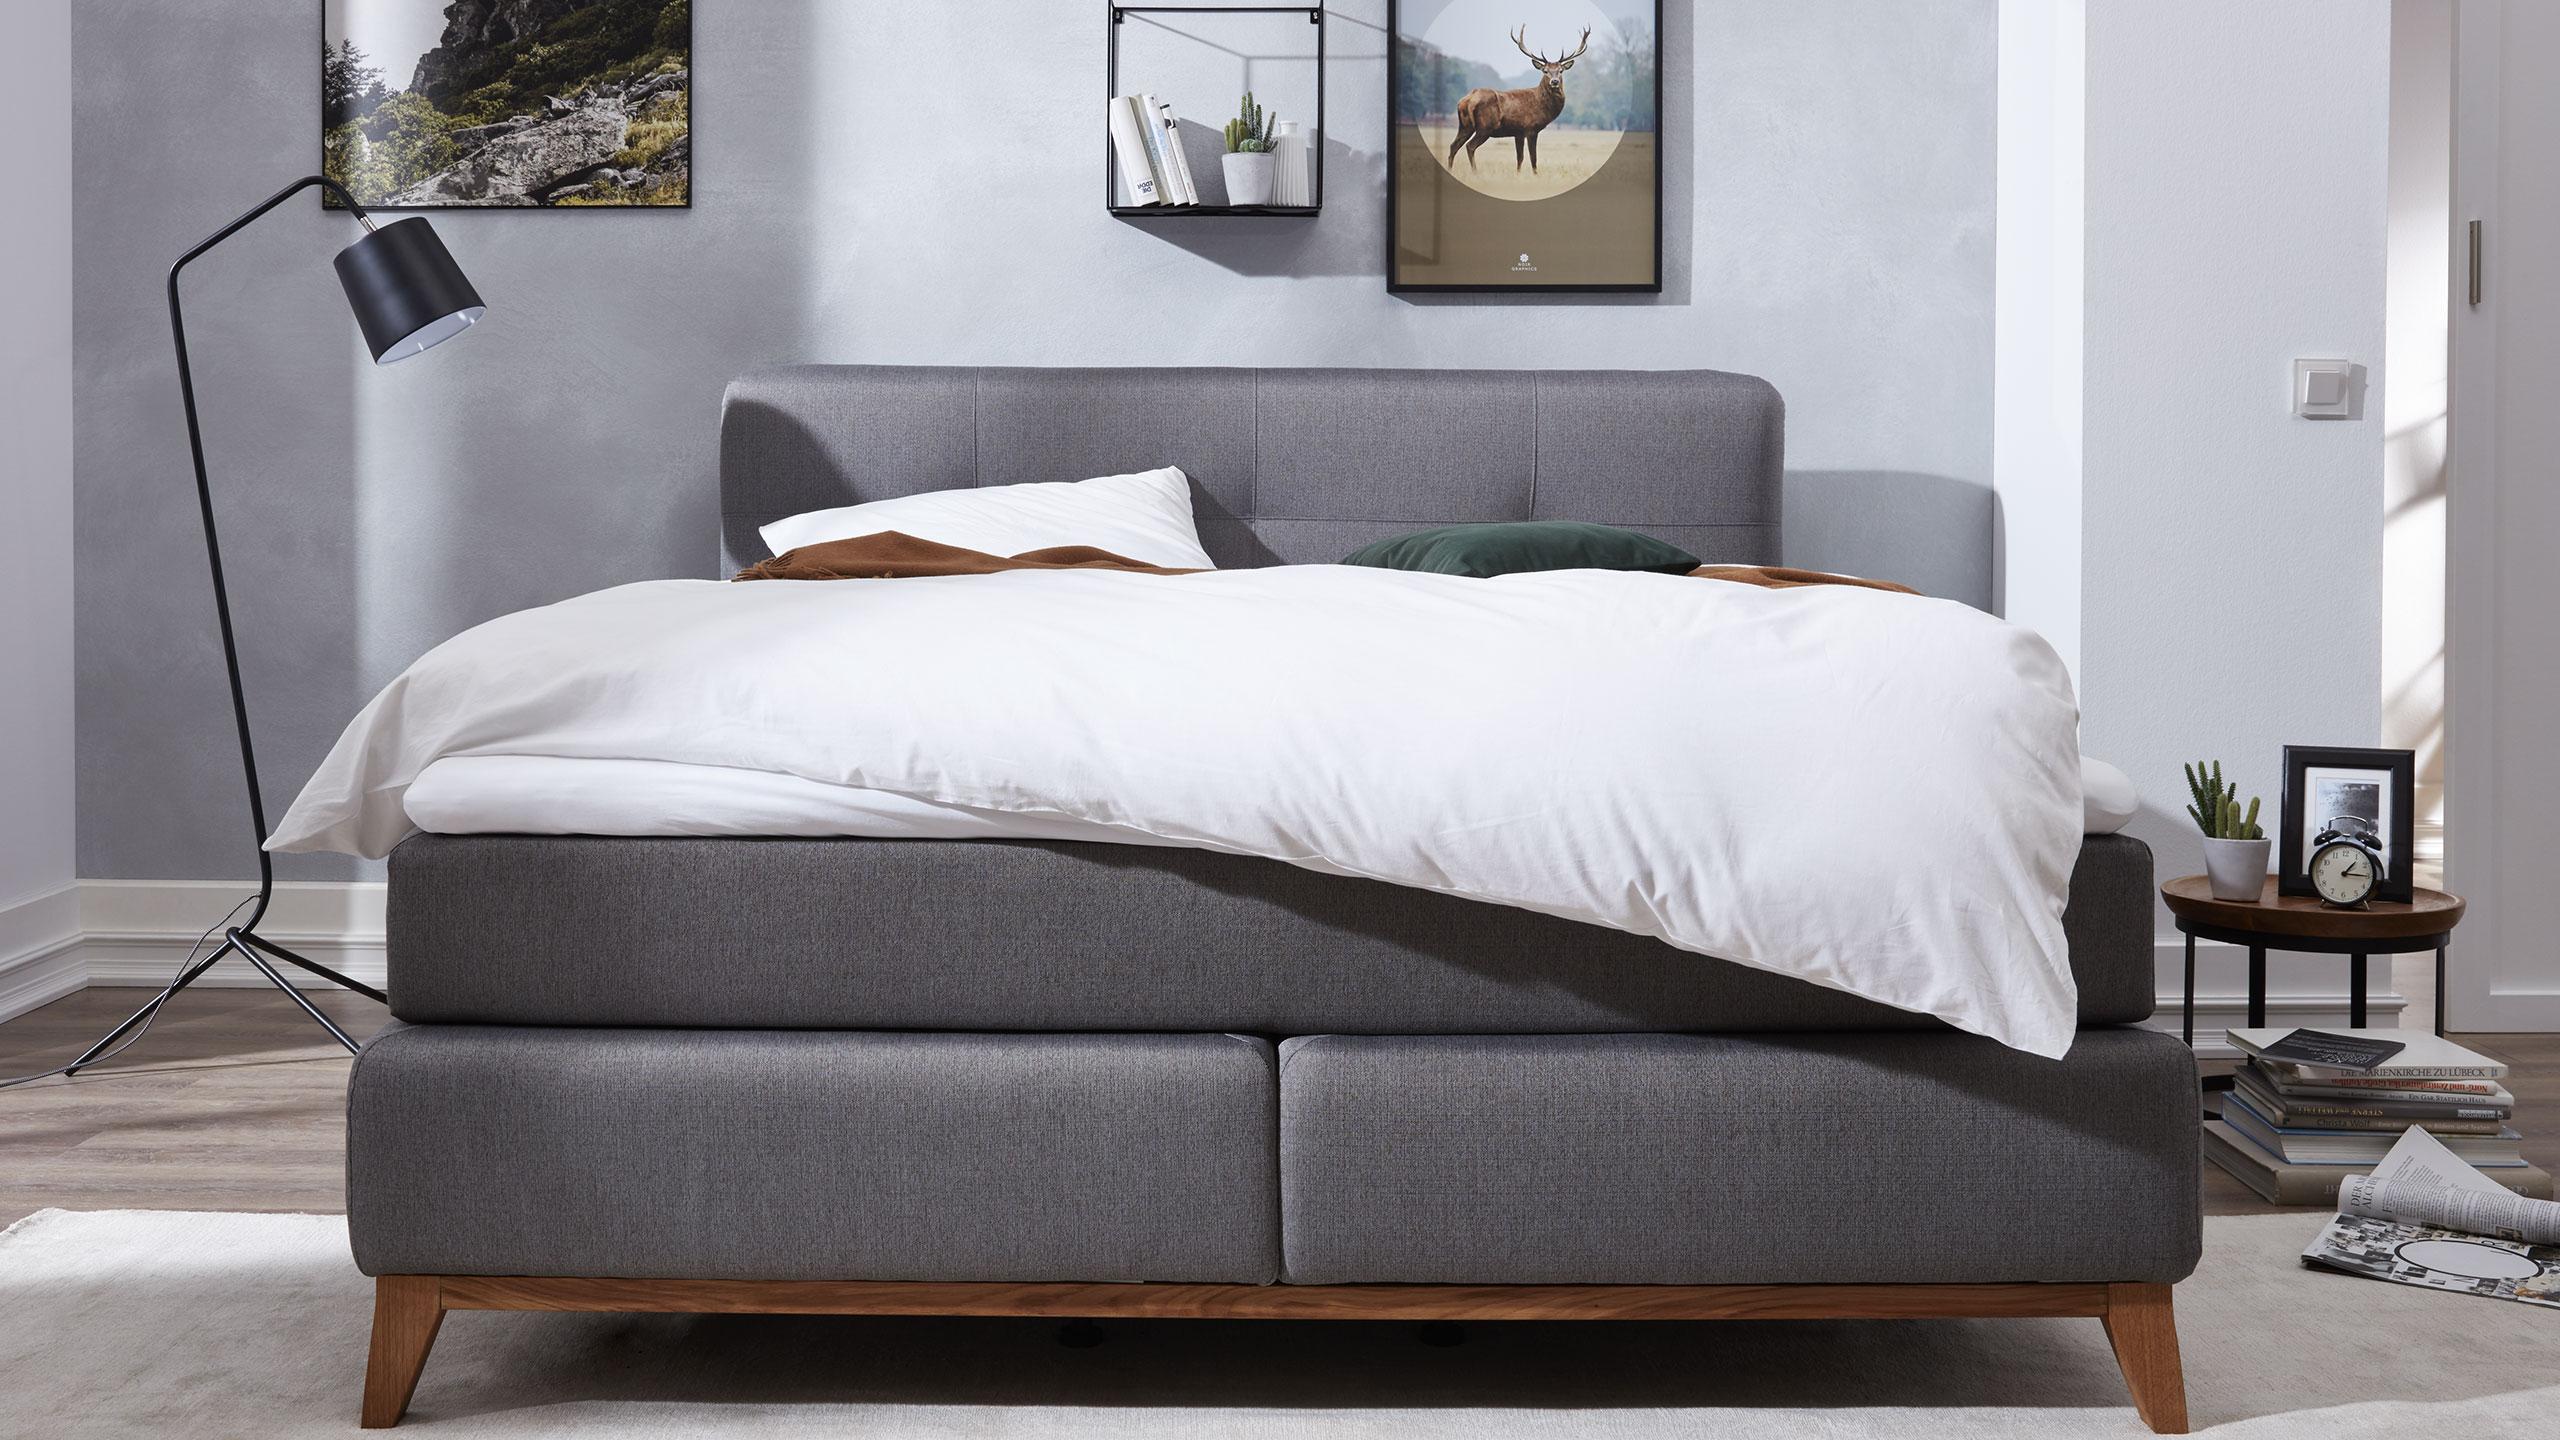 Das Schlafzimmer skandinavisch einrichten - Interliving